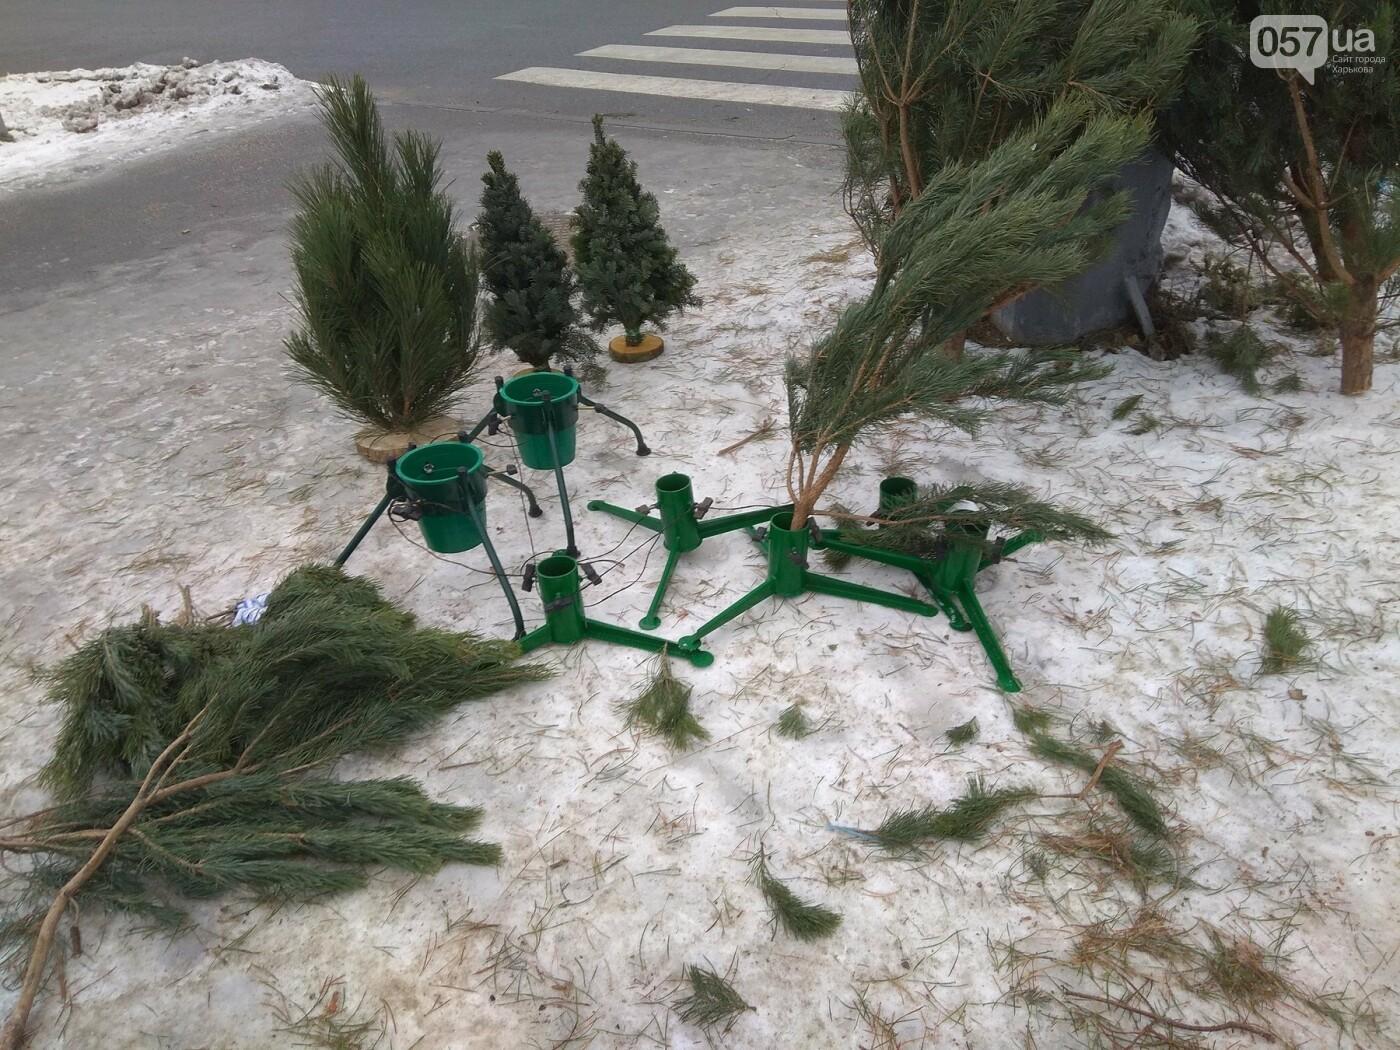 Новогодние елки в Харькове. Где и за сколько можно купить, - ФОТО, фото-21